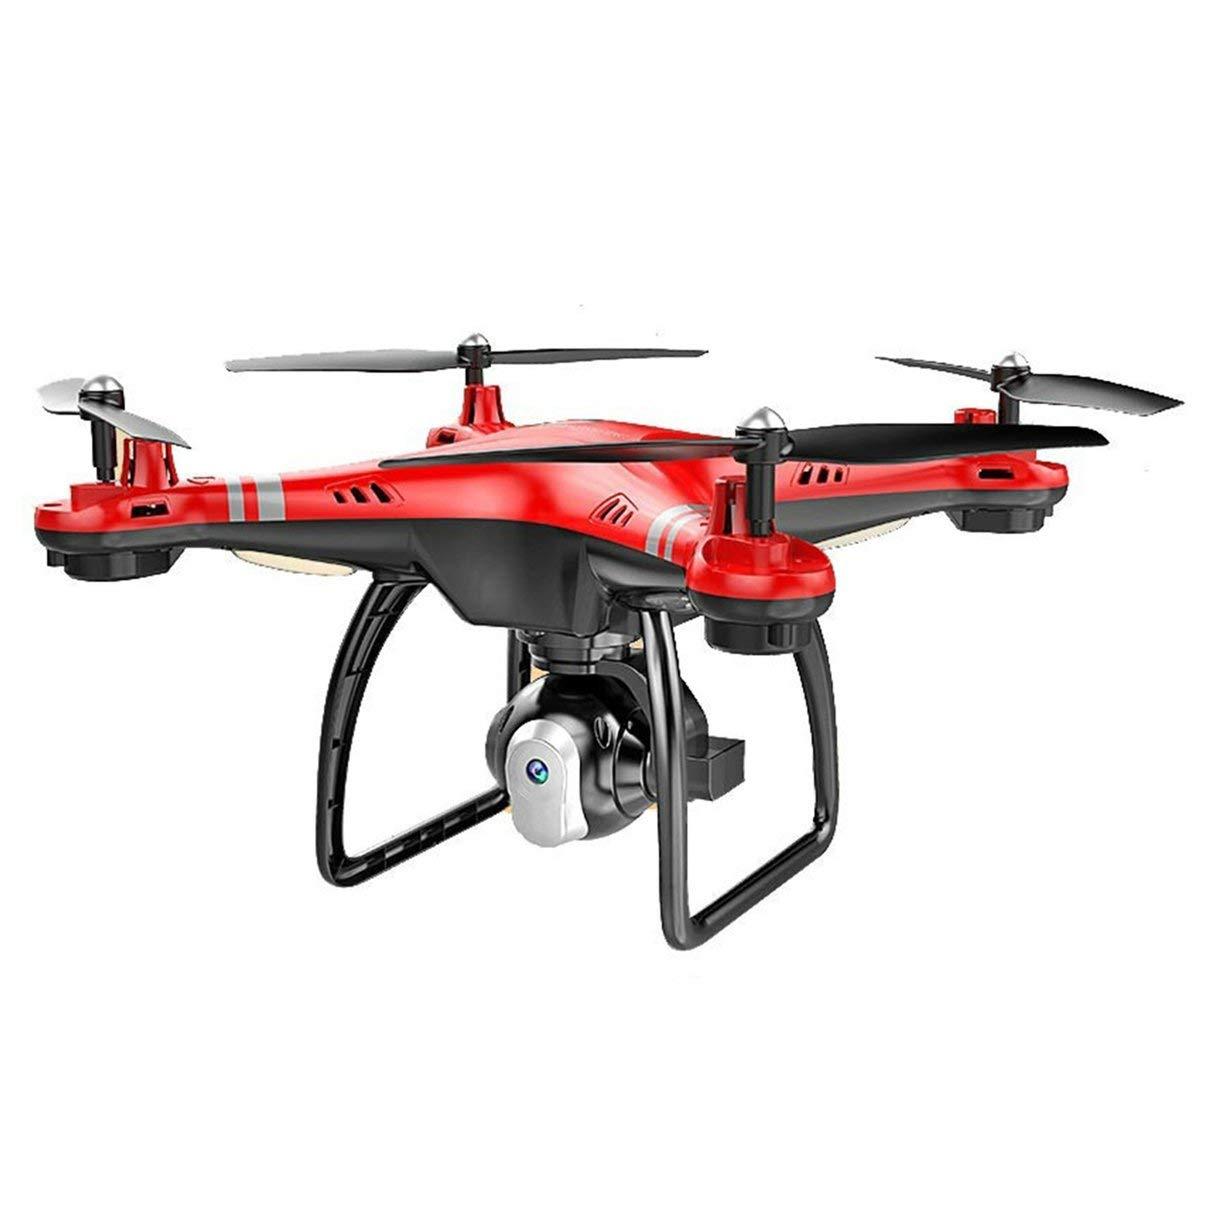 JullyeleDEgant X8 RC Drone mit HD 3MP Kamera Höhe Halten Sie eine Taste Return / Landing / Take Off Headless Modus 2.4G RC Quadcopter Drone